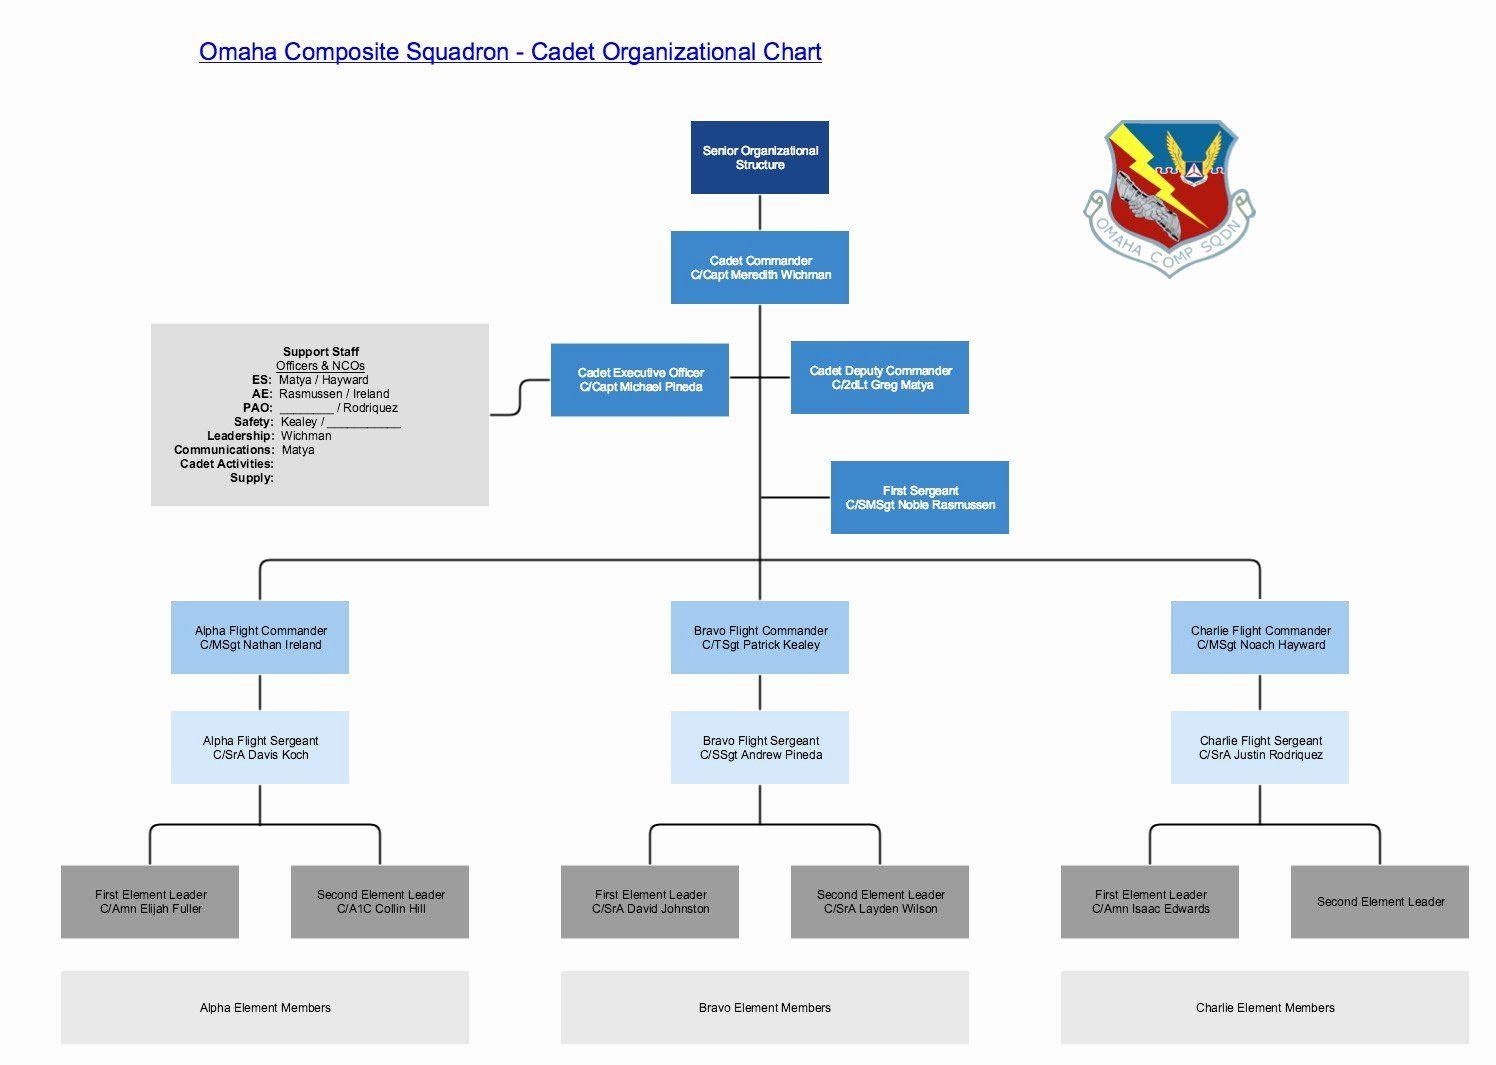 86edc4ca8dc04782cc5d5962b0431584 - Application Letter For Cadet Officer Sample